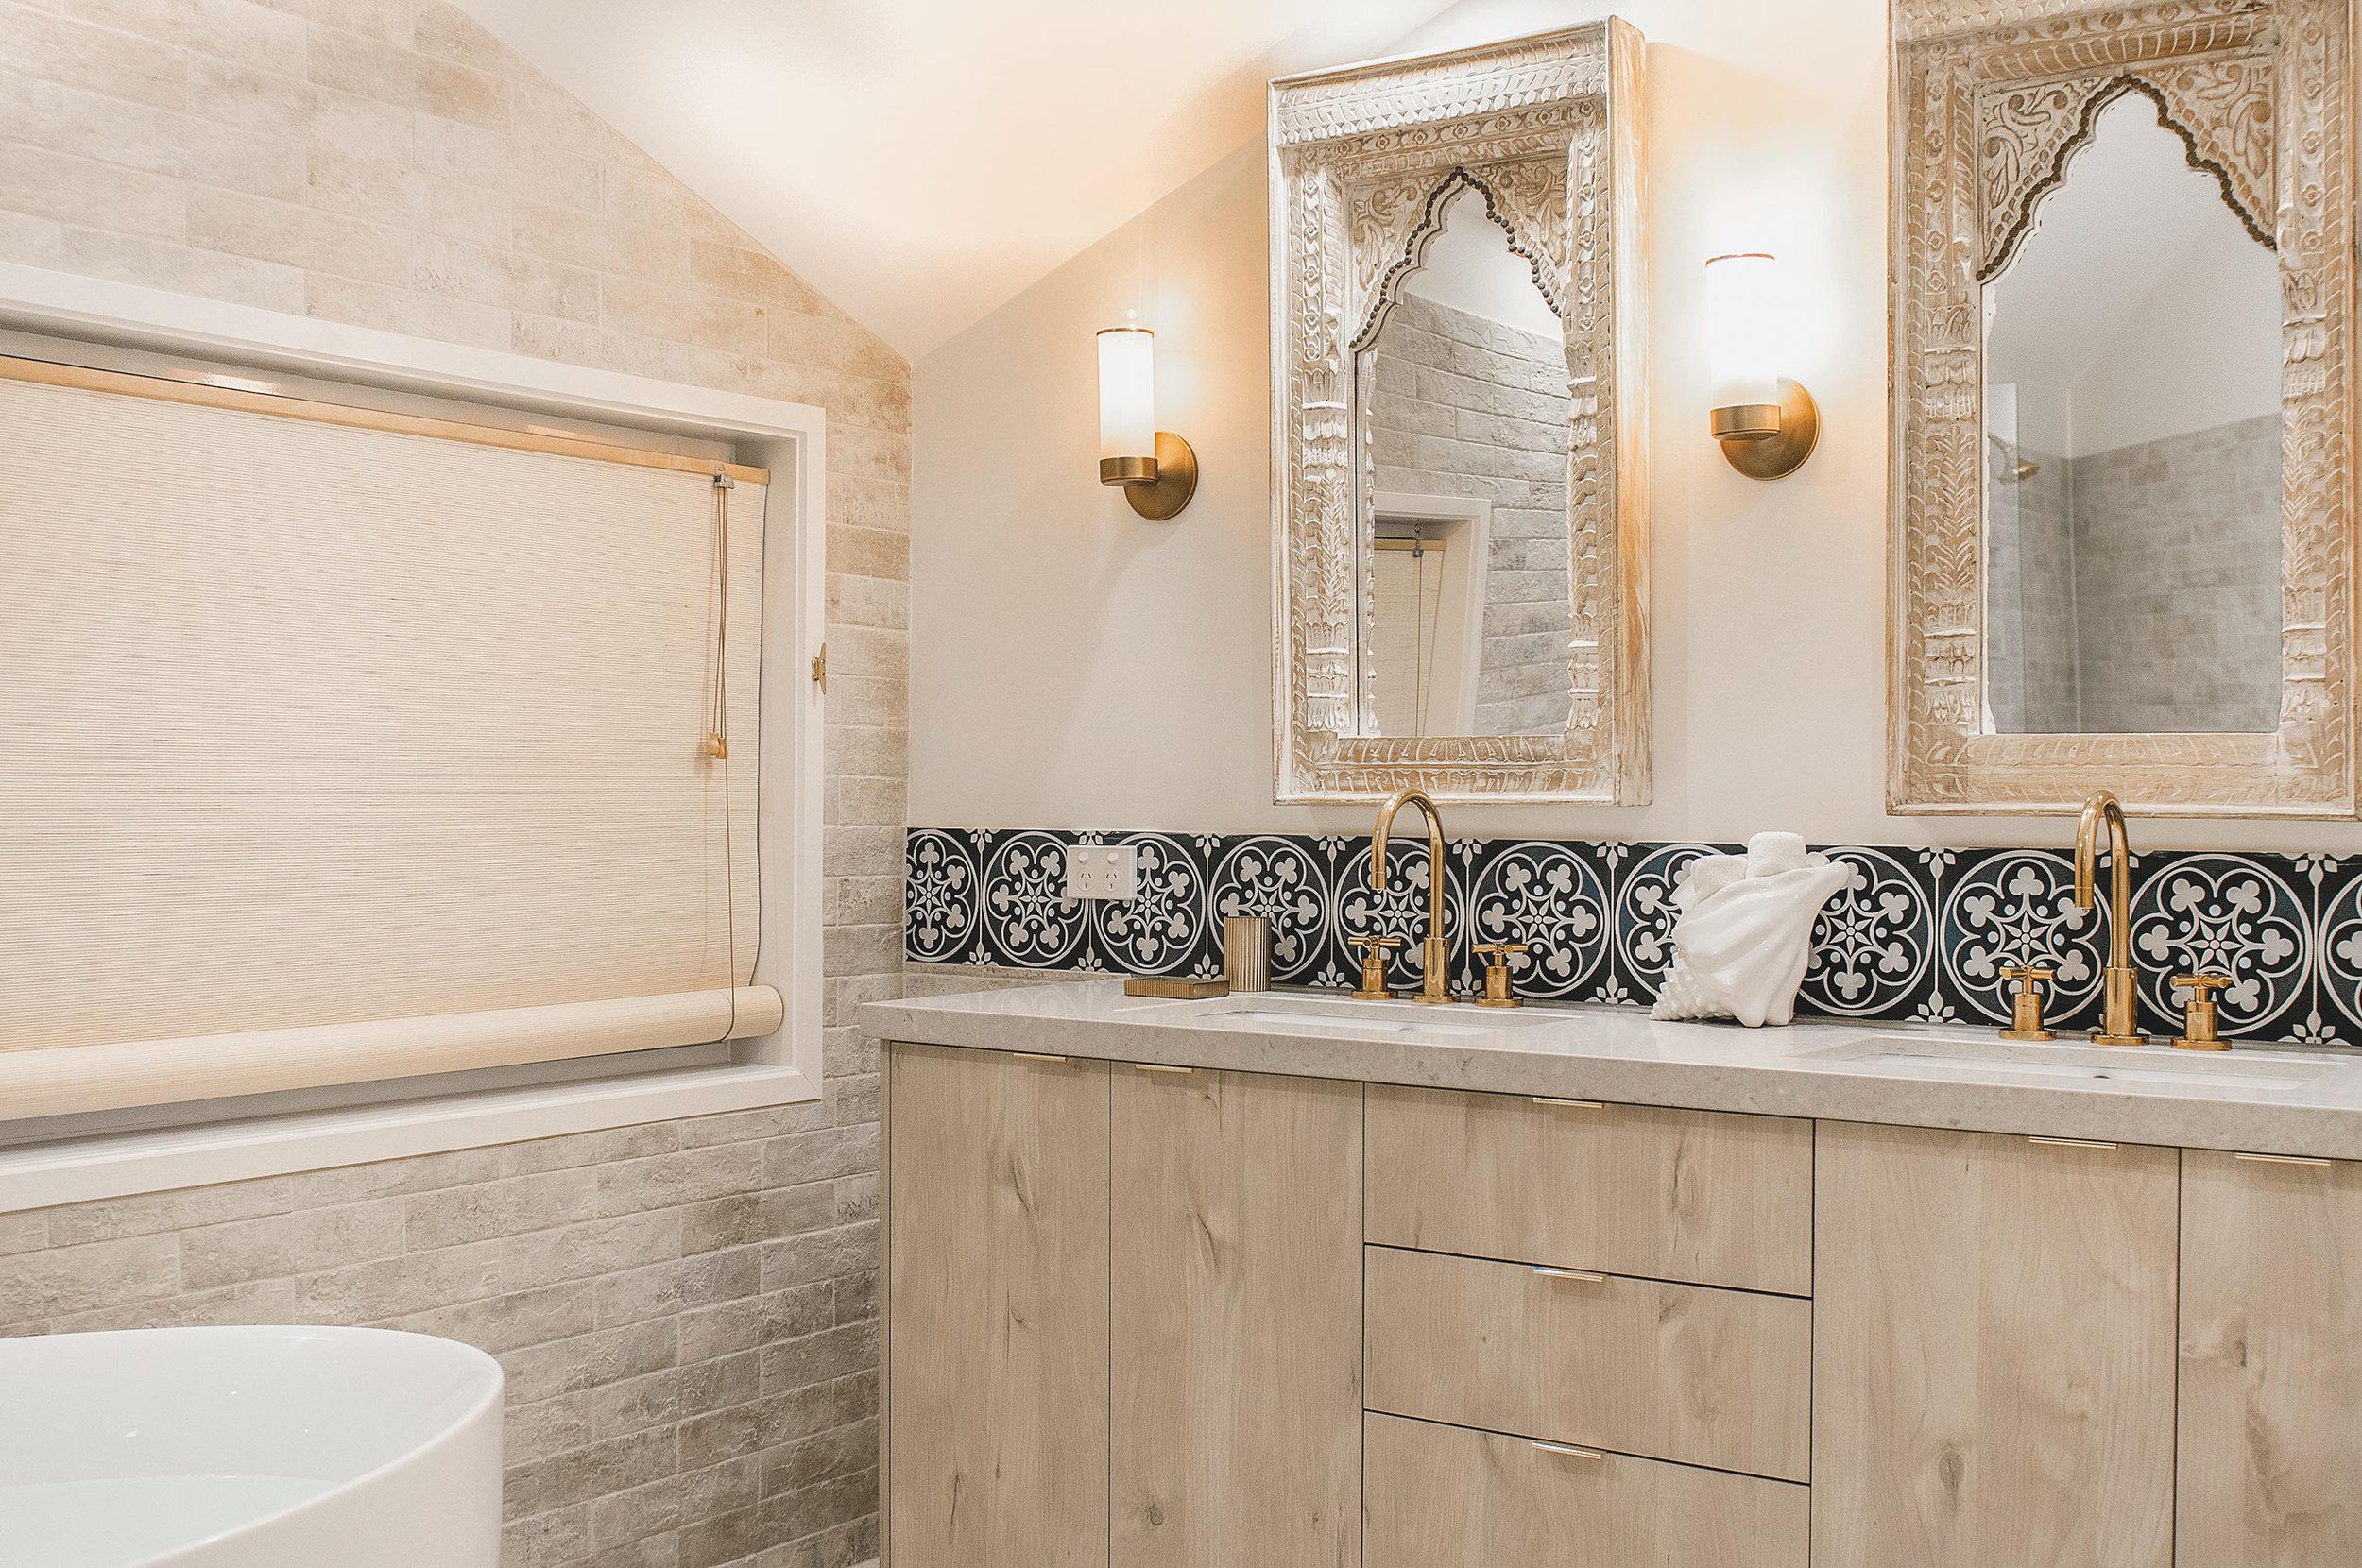 Barellen-7-Bedroom-1c-7-Master-Bathroom-DSC_6863.jpg